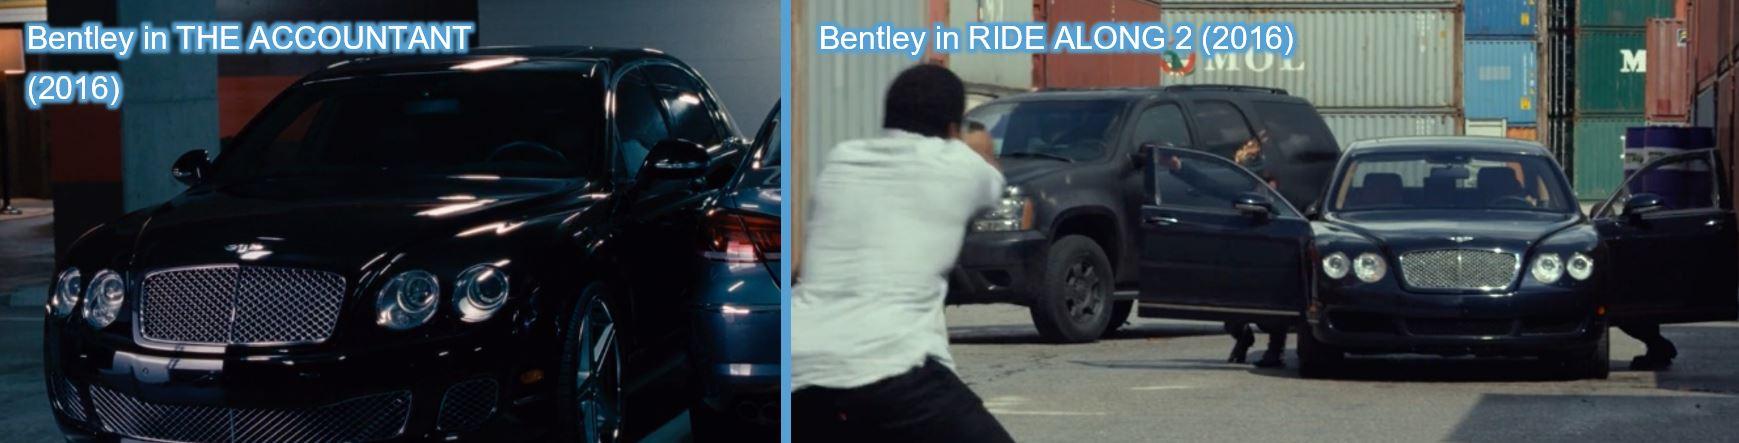 Bentley - other